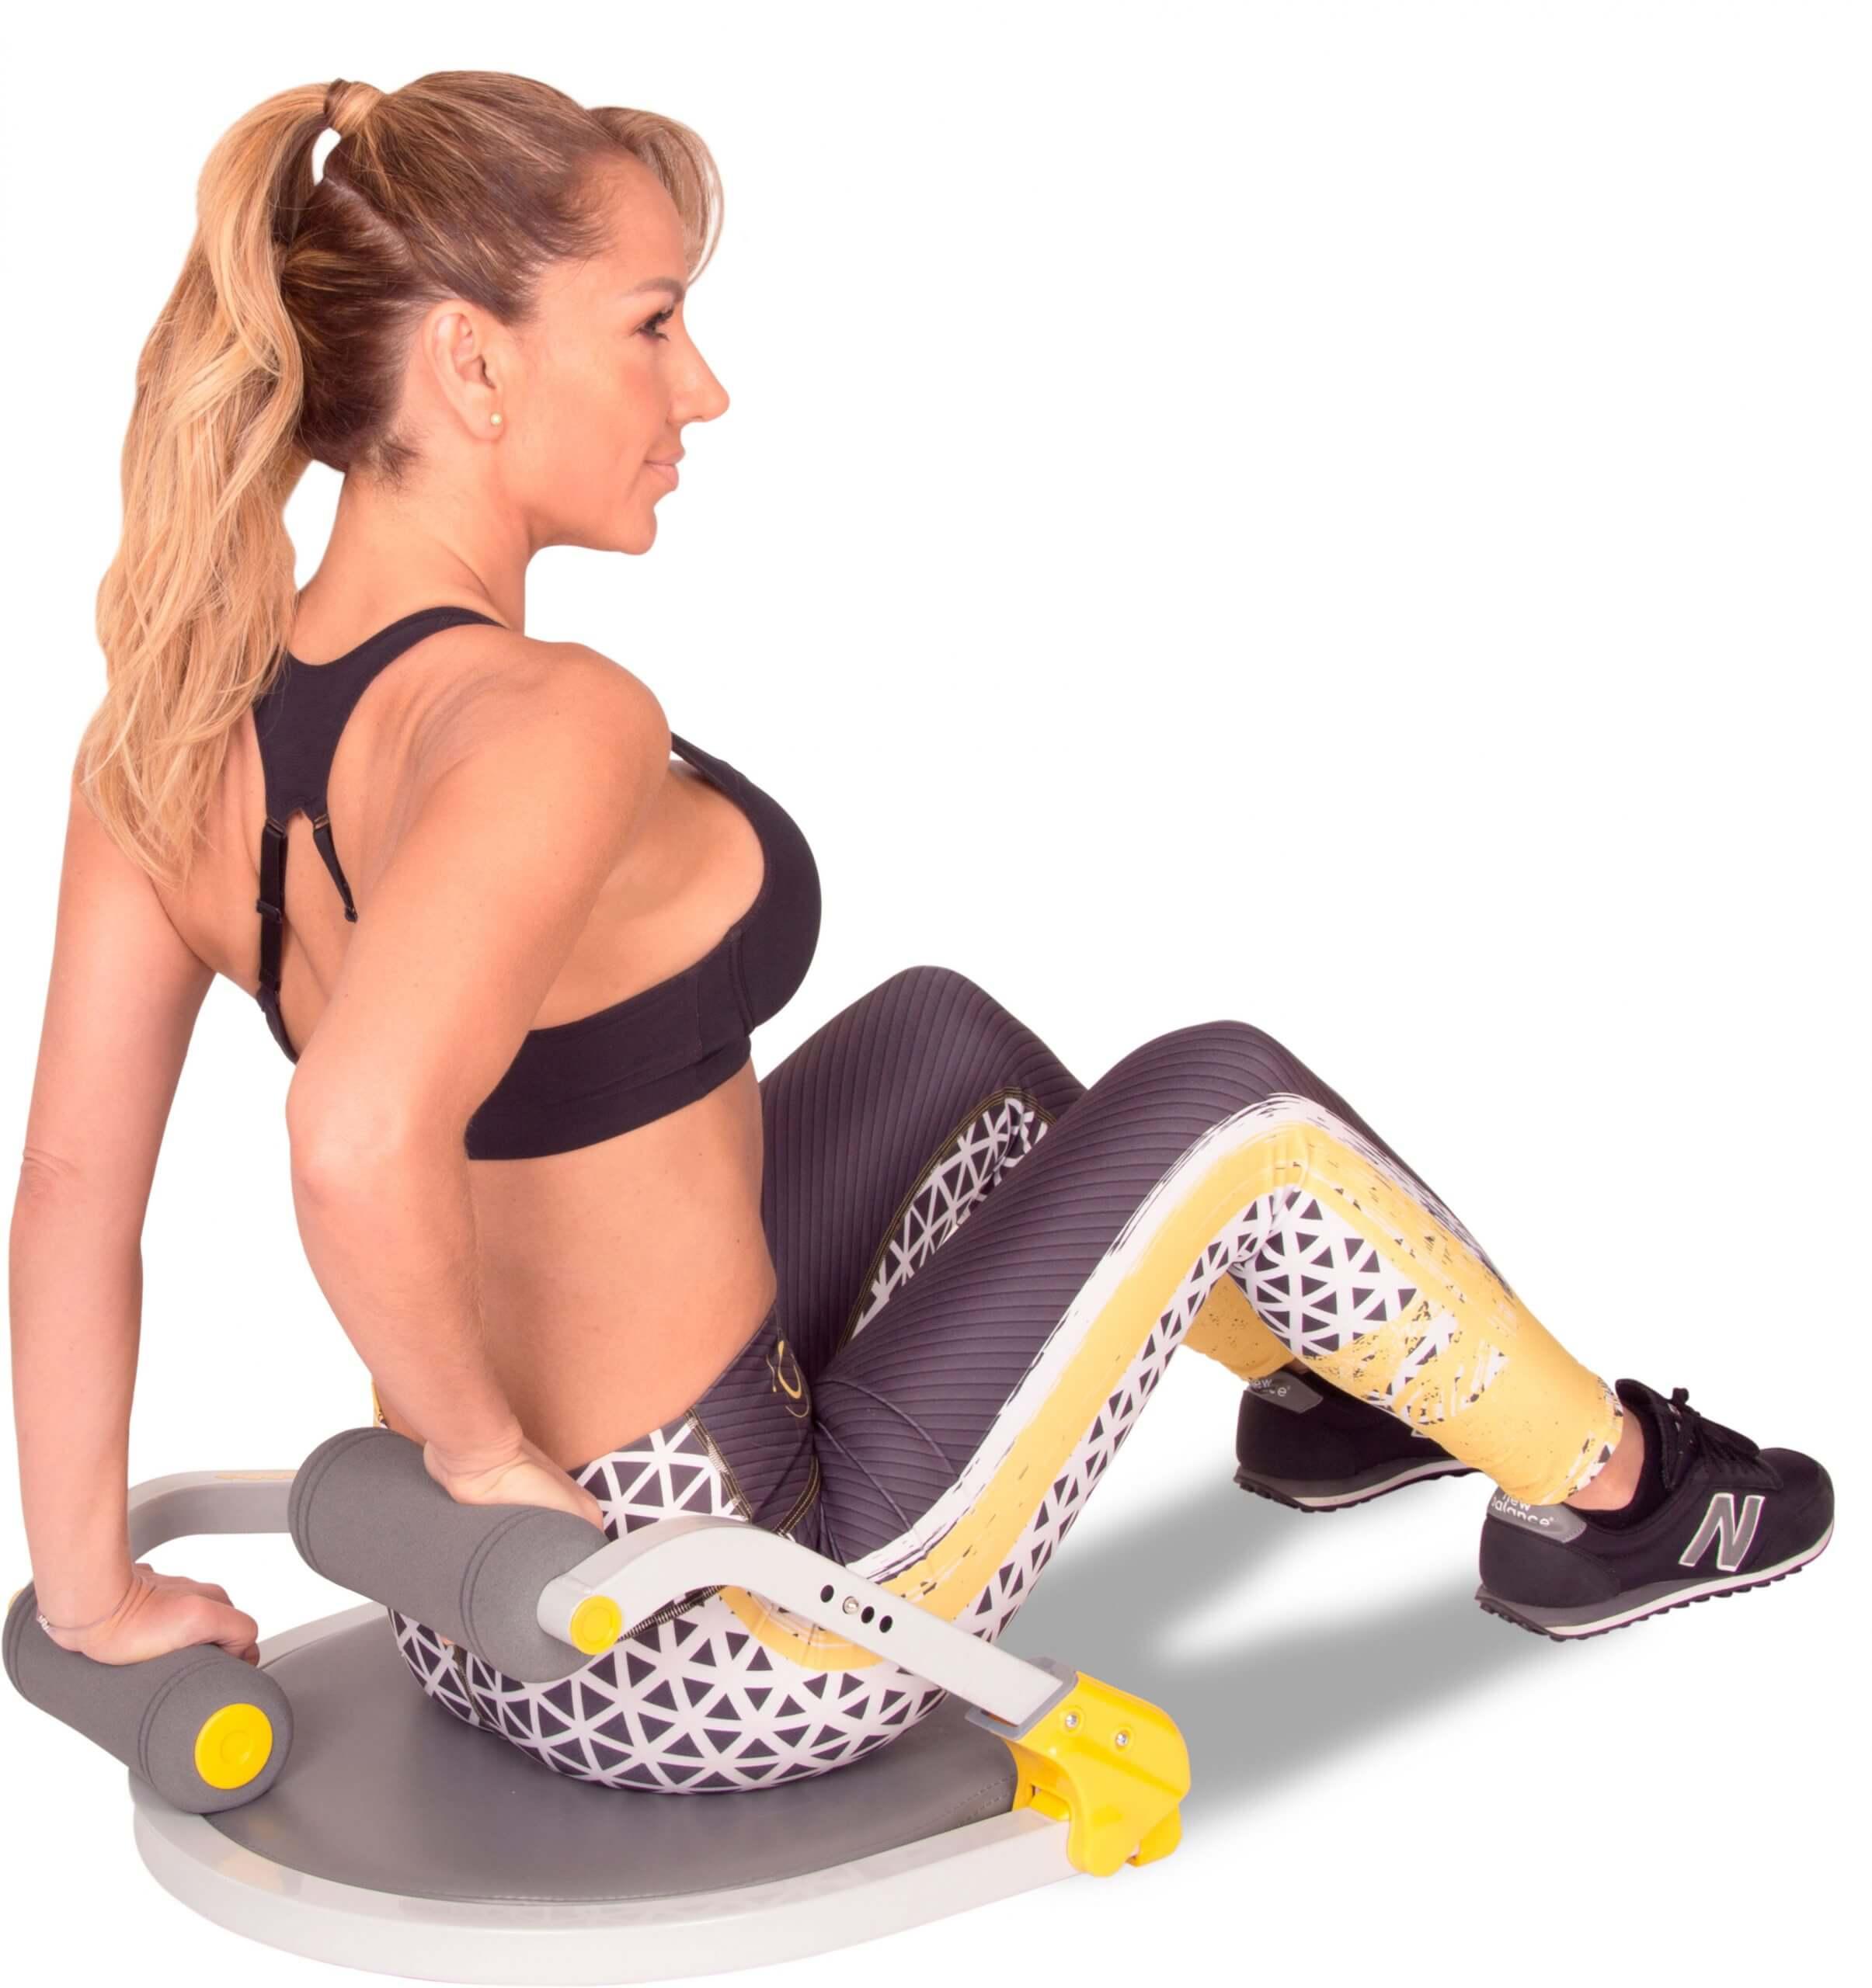 Mujer utilizando el aparato de ejercicio Ab Tomic, haciendo el ejercicio Fondos.